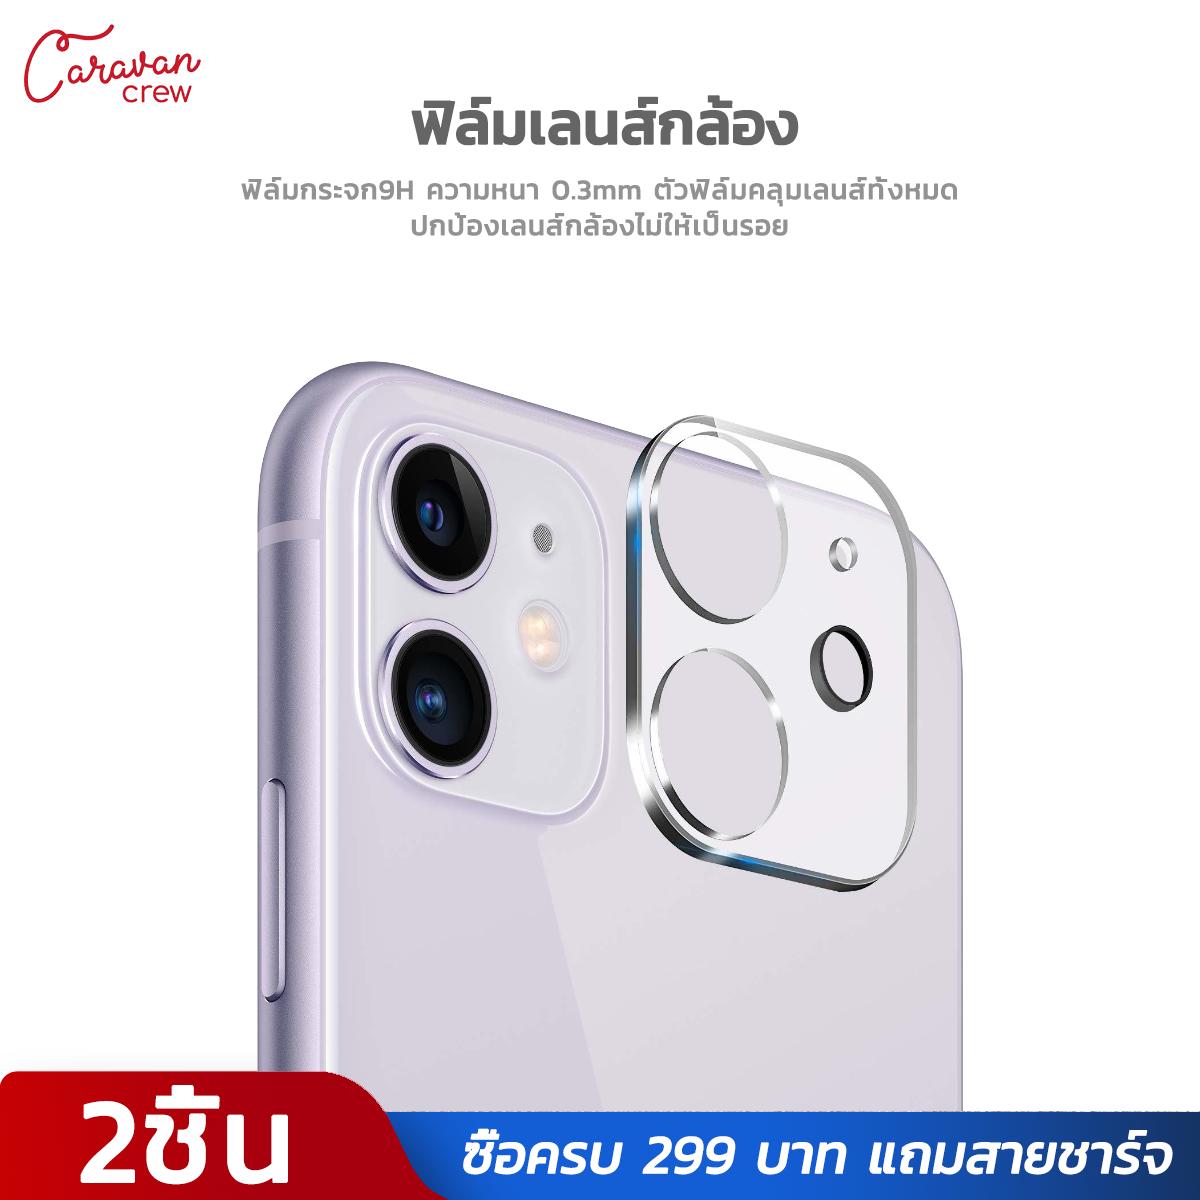 (2ชิ้น) ฟิล์มเลนส์กล้อง Iphone 7 / 7 Plus / 8 / 8 Plus / X / Xs / Xs Max / 11 / 11 Pro / 11 Pro Max Se 2020 12 Mini 12 Pro Max Caravan Crew Lens Camera Cover Protector Tempered Glass ฟิล์มกระจกเลนส์กล้อง.